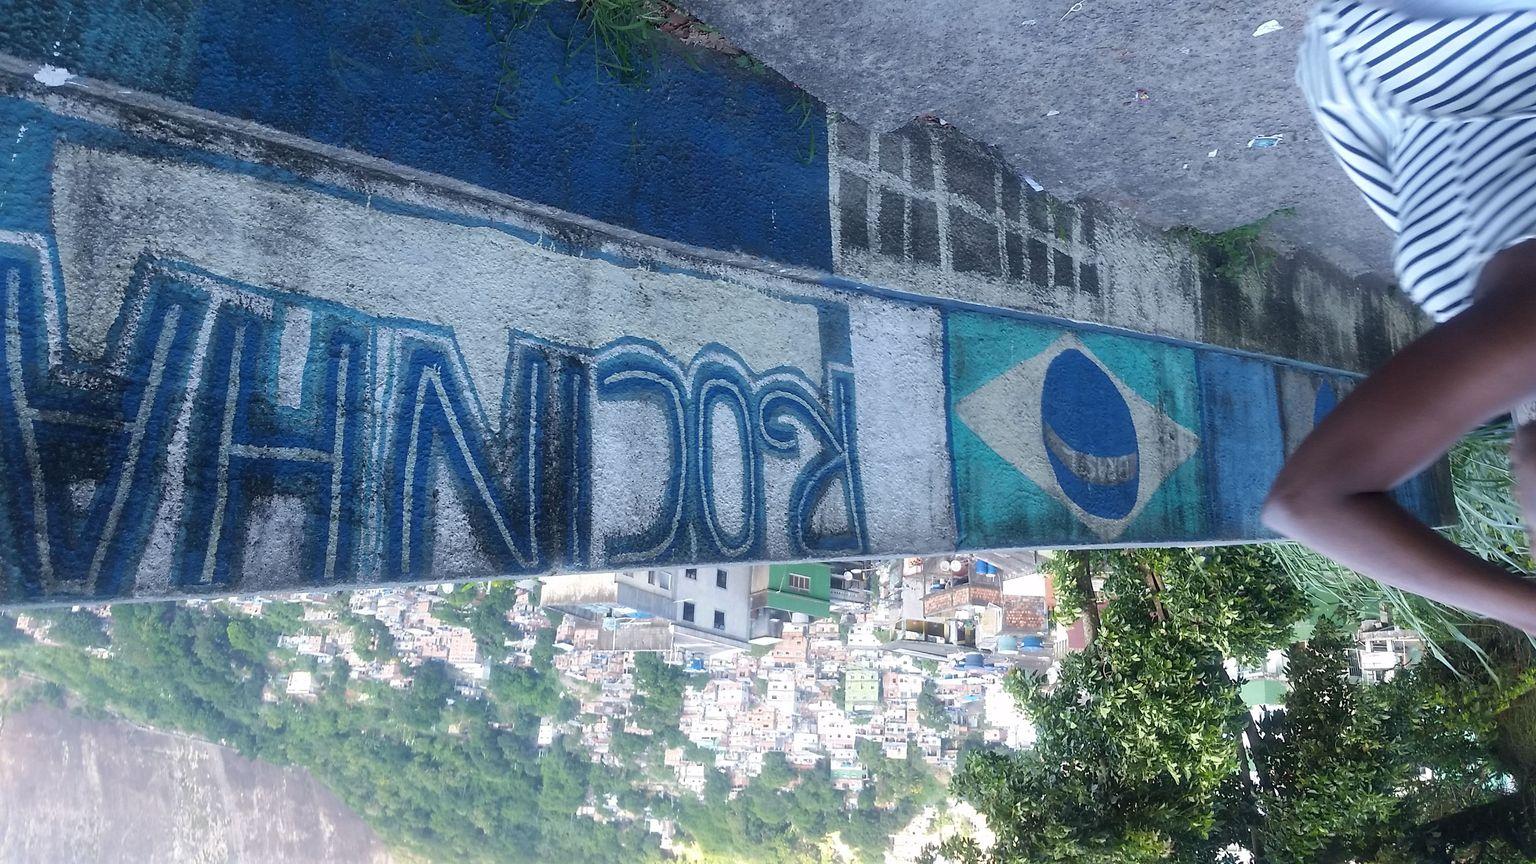 MÁS FOTOS, Favela Walking Tour in Rio de Janeiro